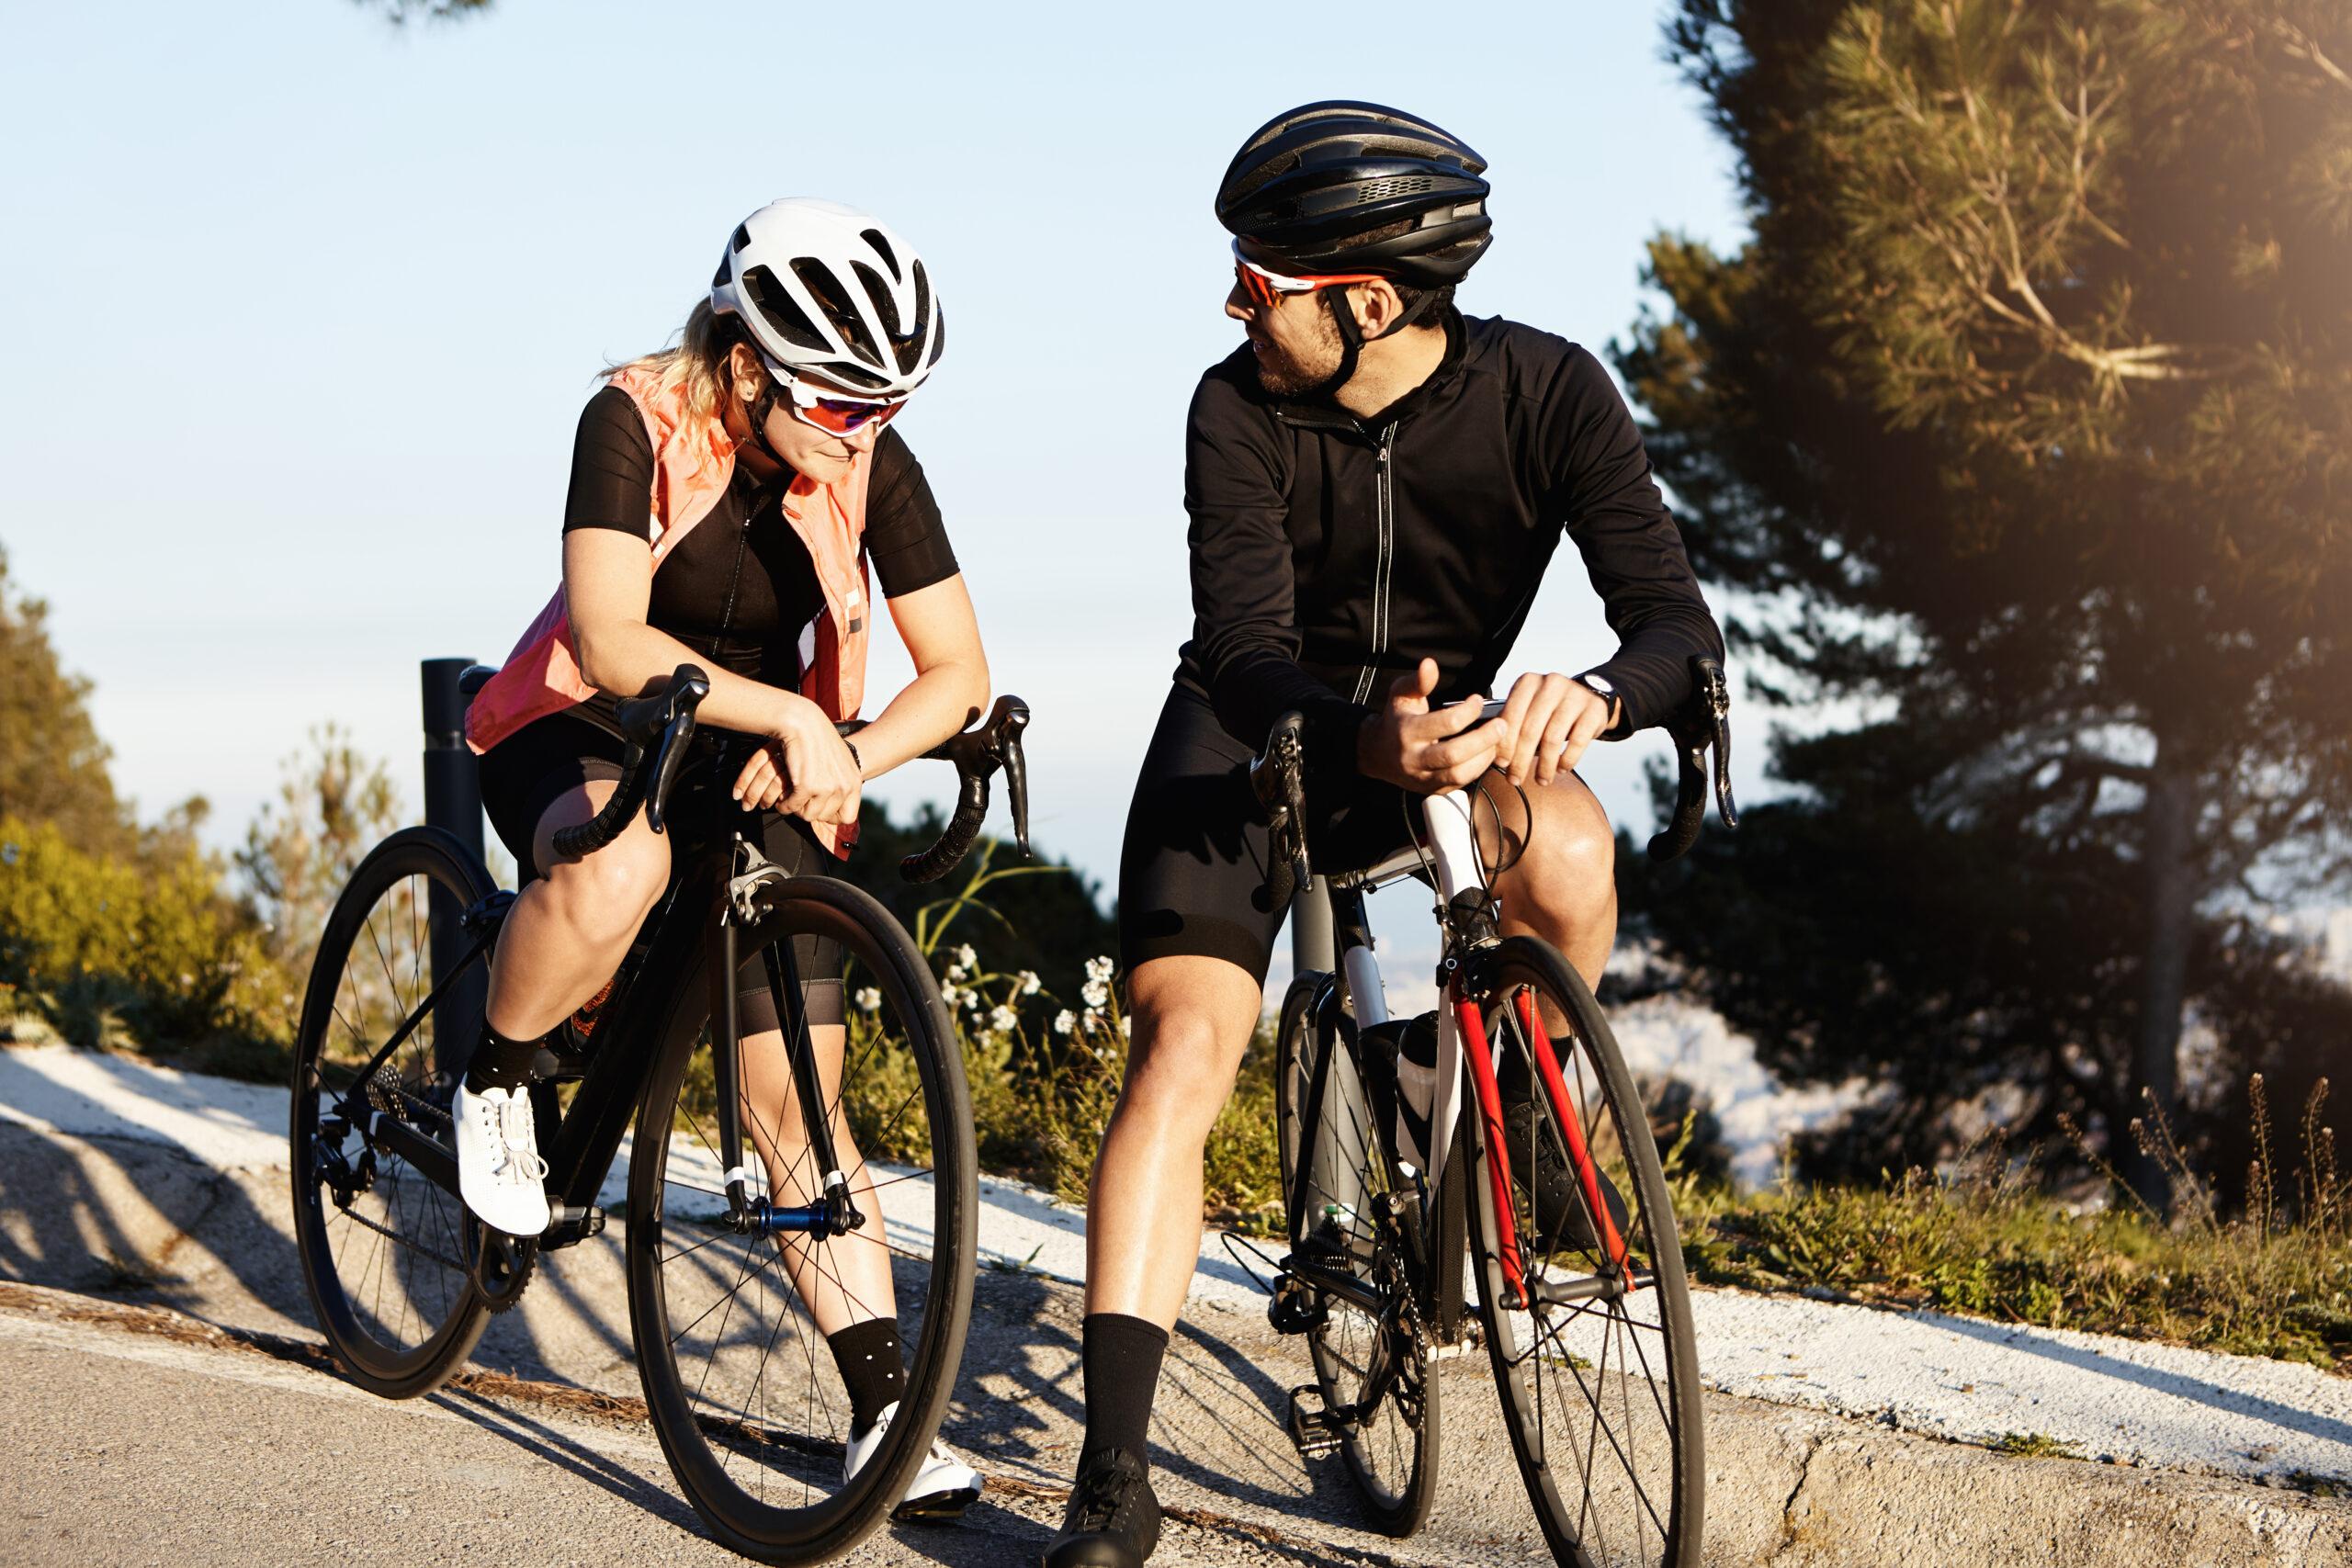 La bicicleta, transporte saludable y respetuoso con el medio ambiente